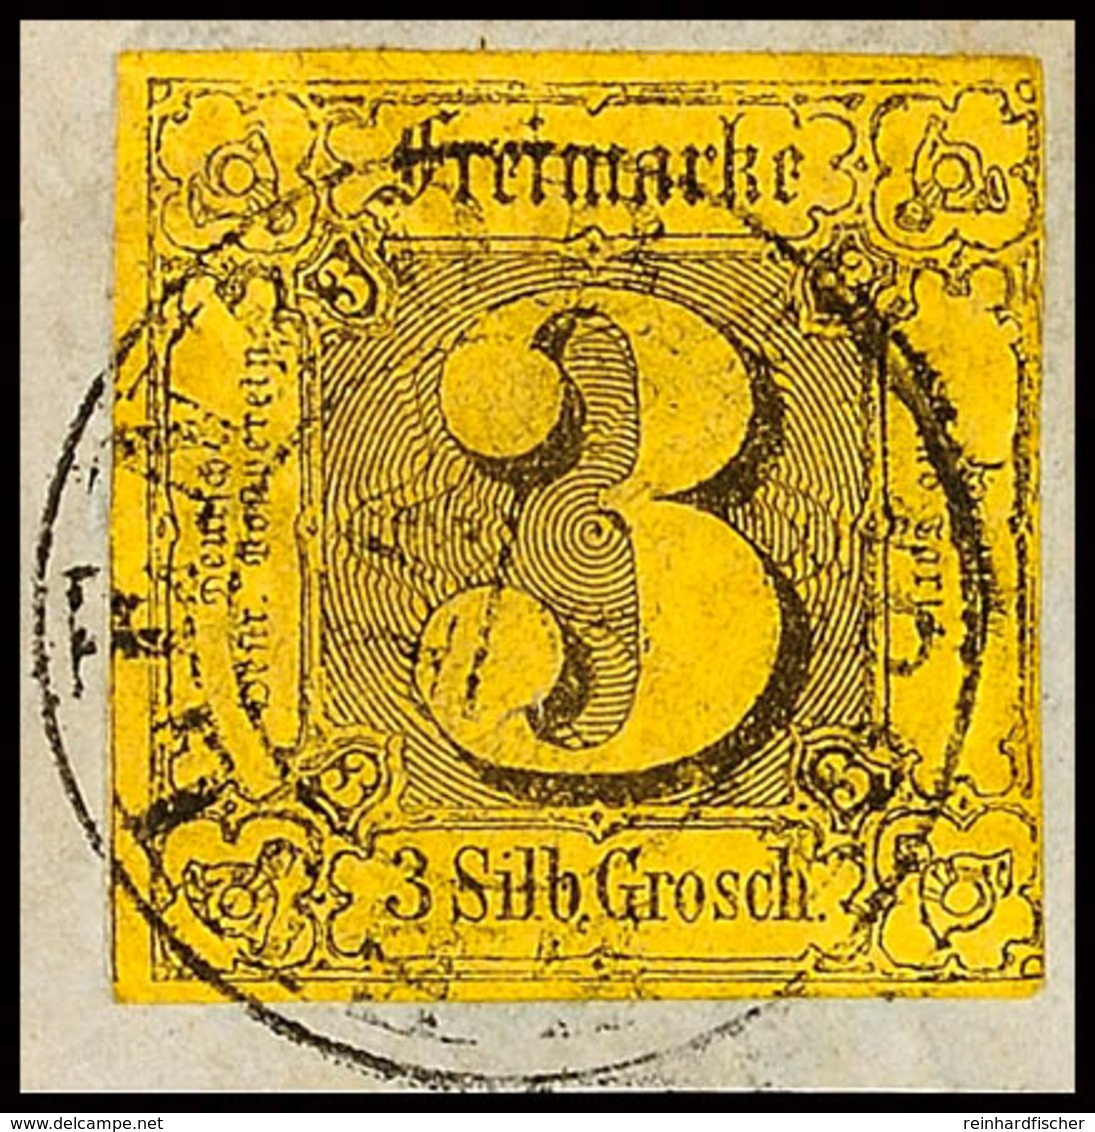 """2957 """"ZEULENRODA"""" - K2, Lesbar Auf Briefstück Mit Meist Voll- Bis Breitrandiger 3 Sgr., Katalog: 6a BS - Thurn And Taxis"""